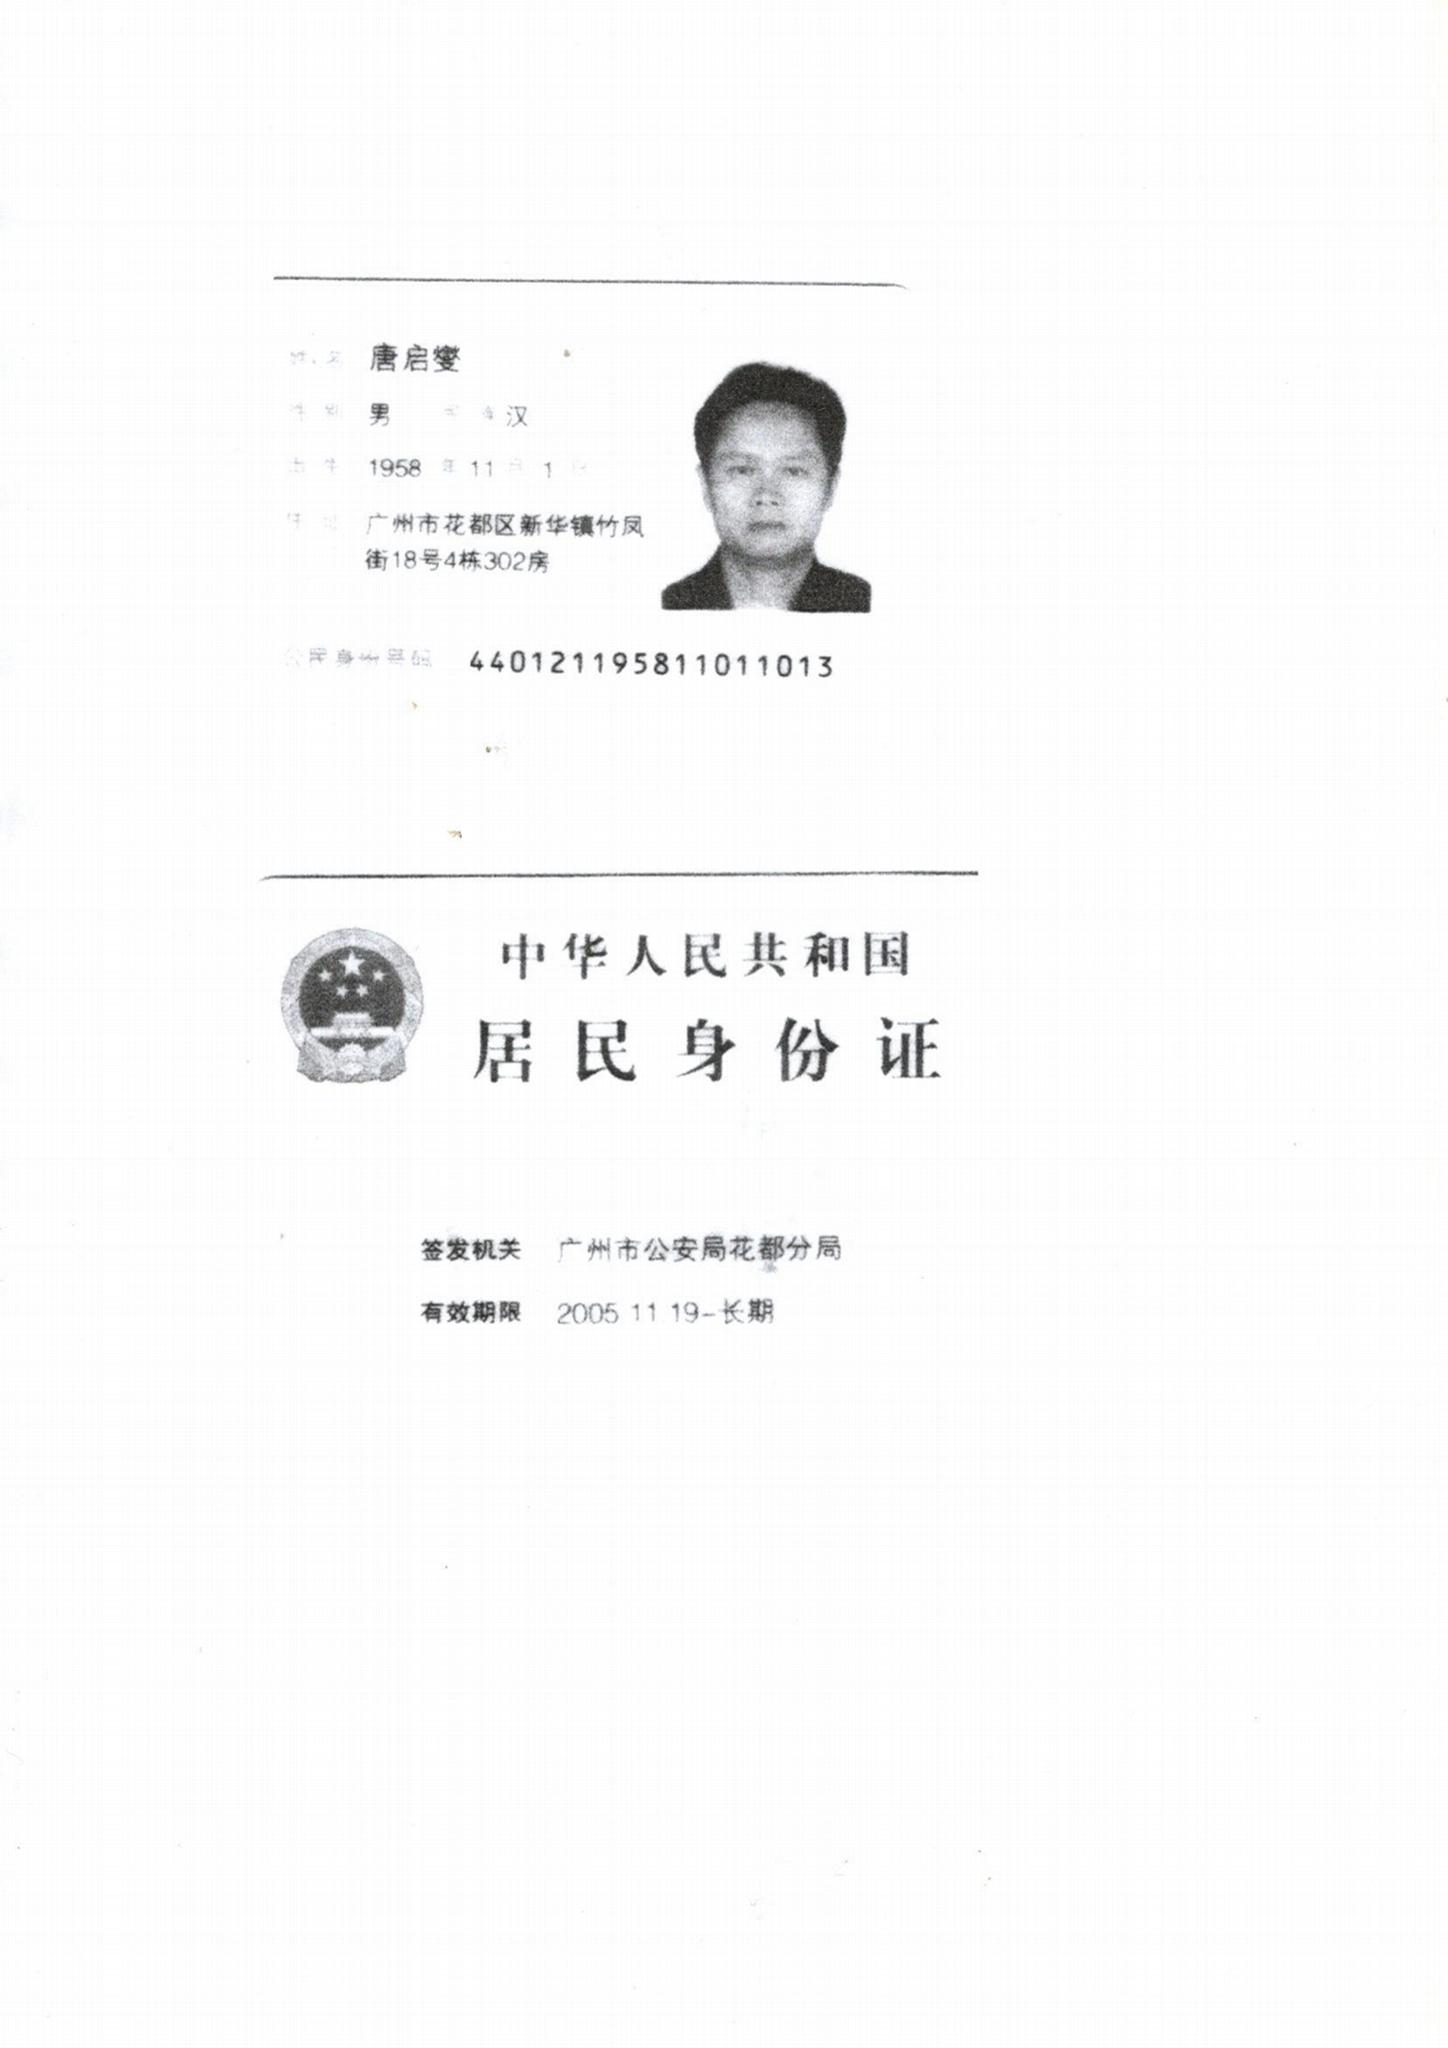 Tang Qixie's reward for Informer: 100000 yuan in cash 6